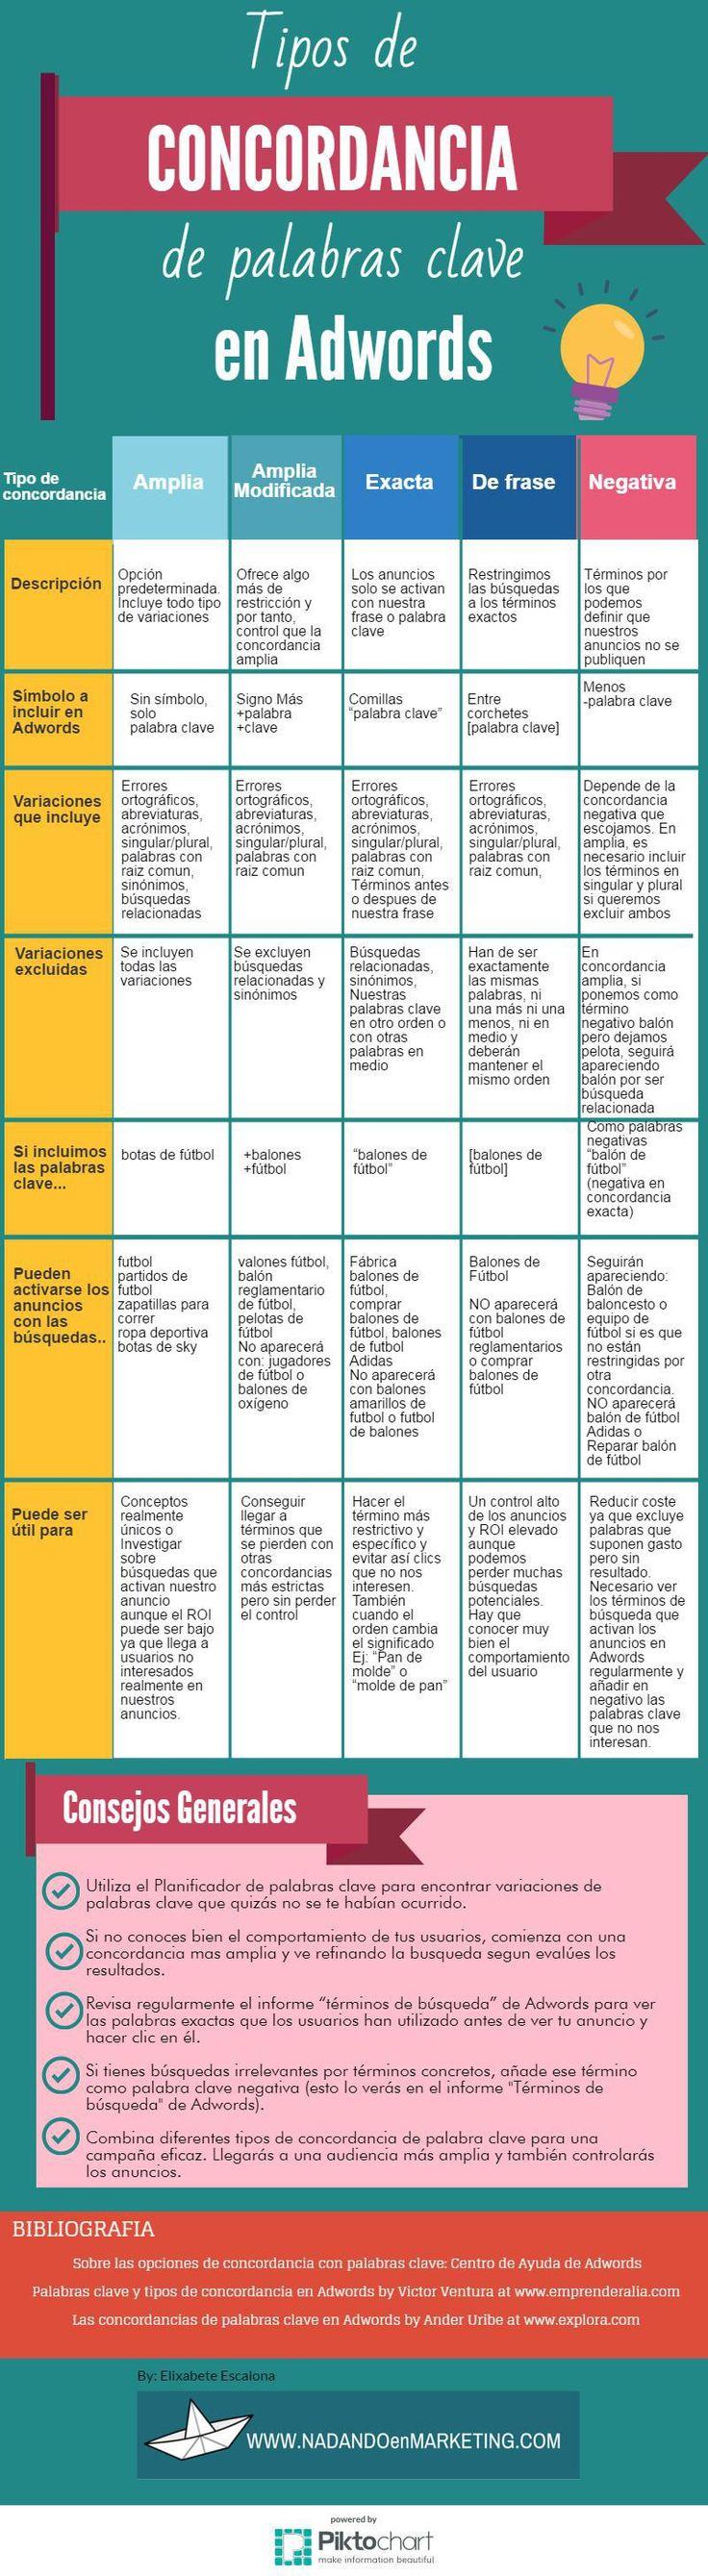 Cuadro-resumen de las diferentes concordancias de palabras clave en Adwords y…